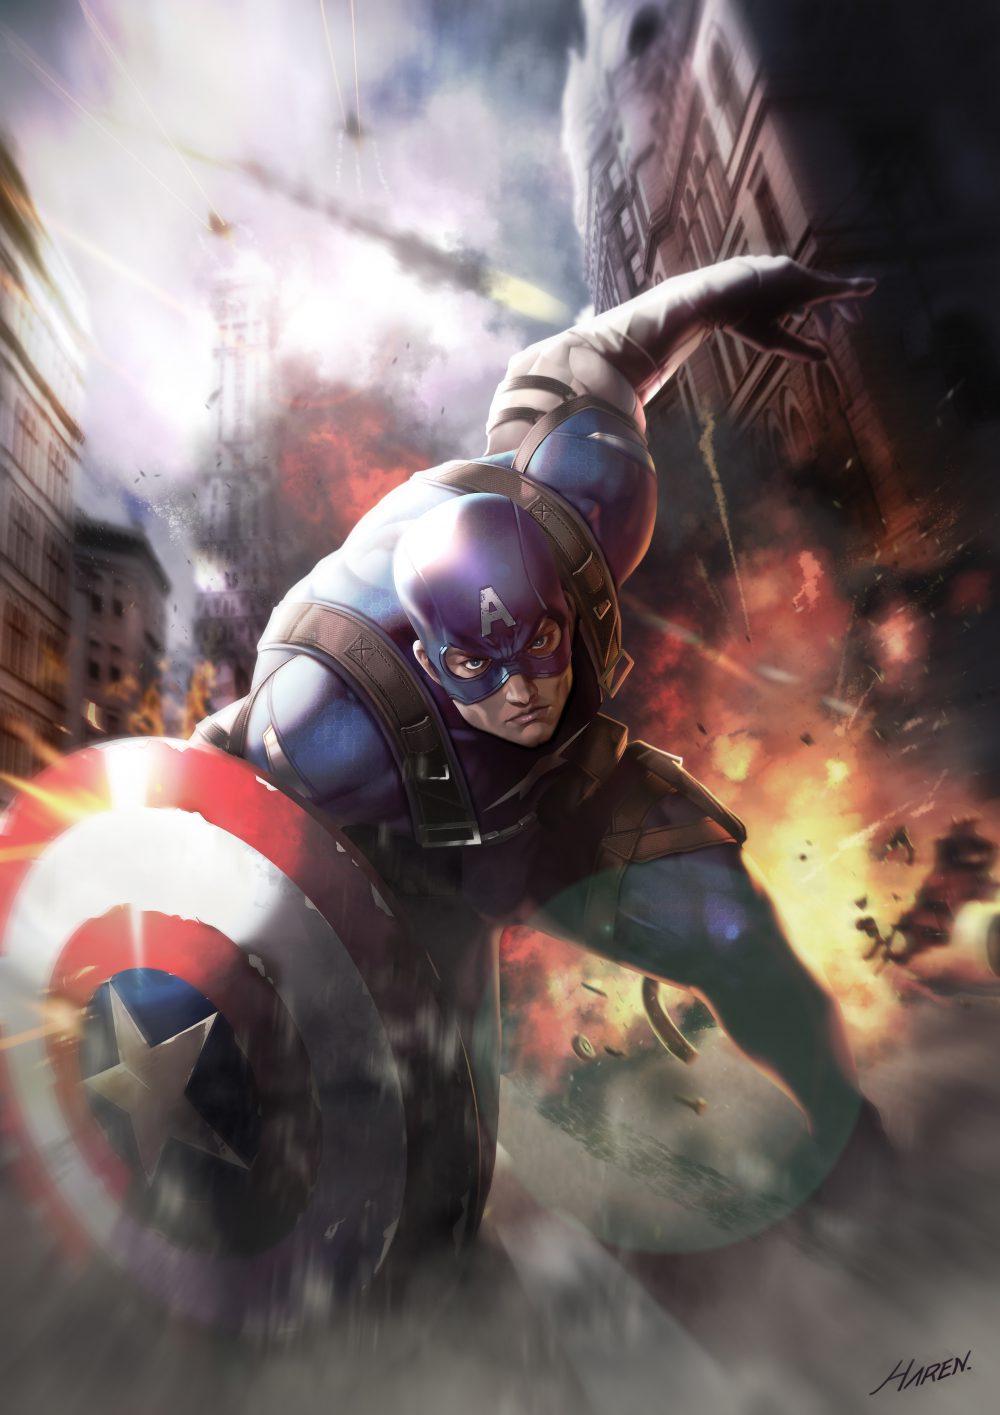 Knights Templar Wallpaper Iphone Captain America Fan Art Digital Art Fribly